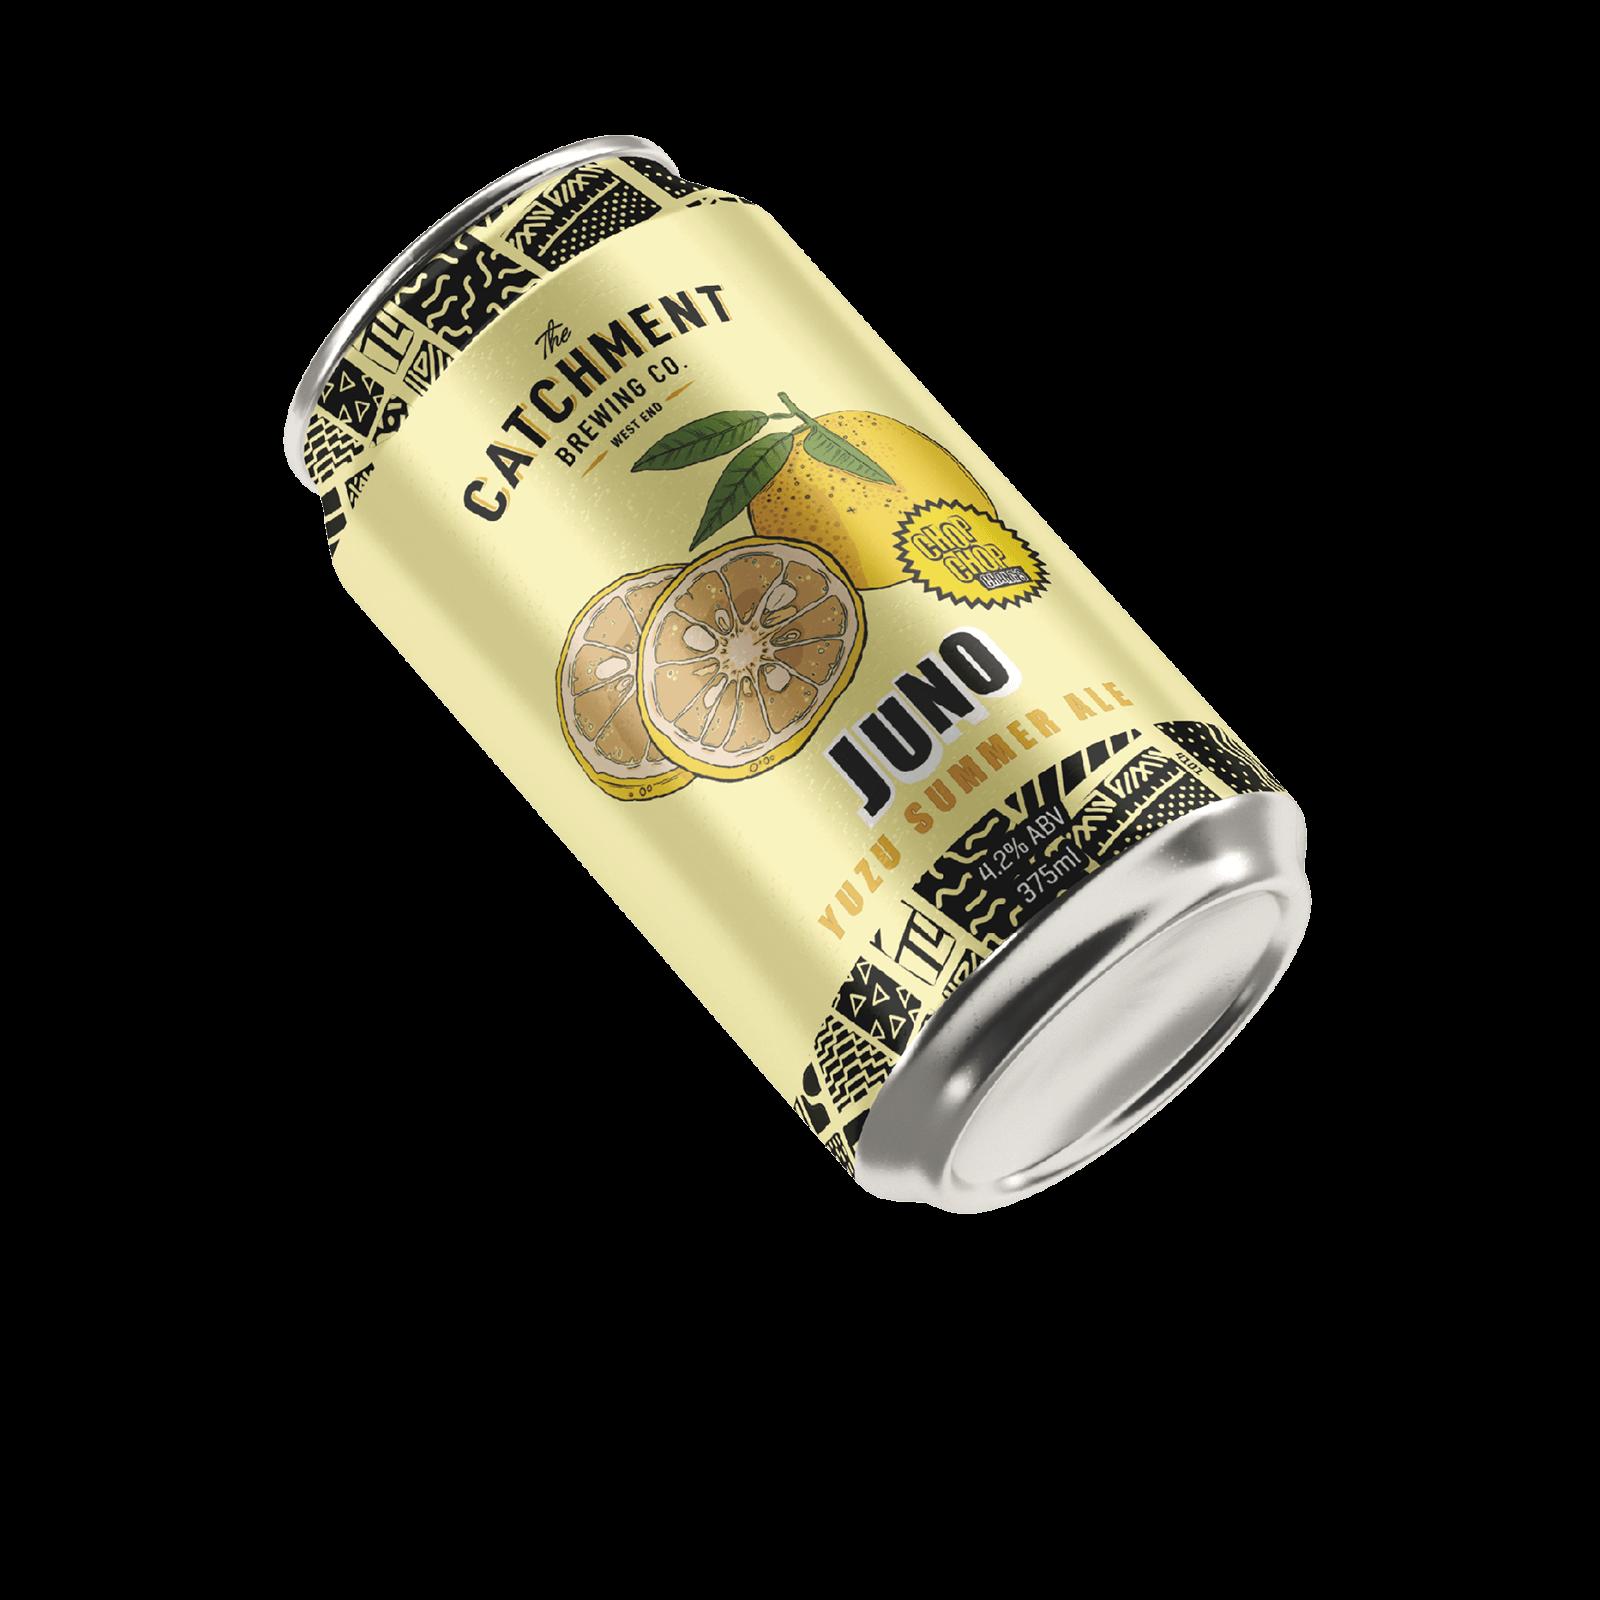 Juno Yuzu Summer Ale